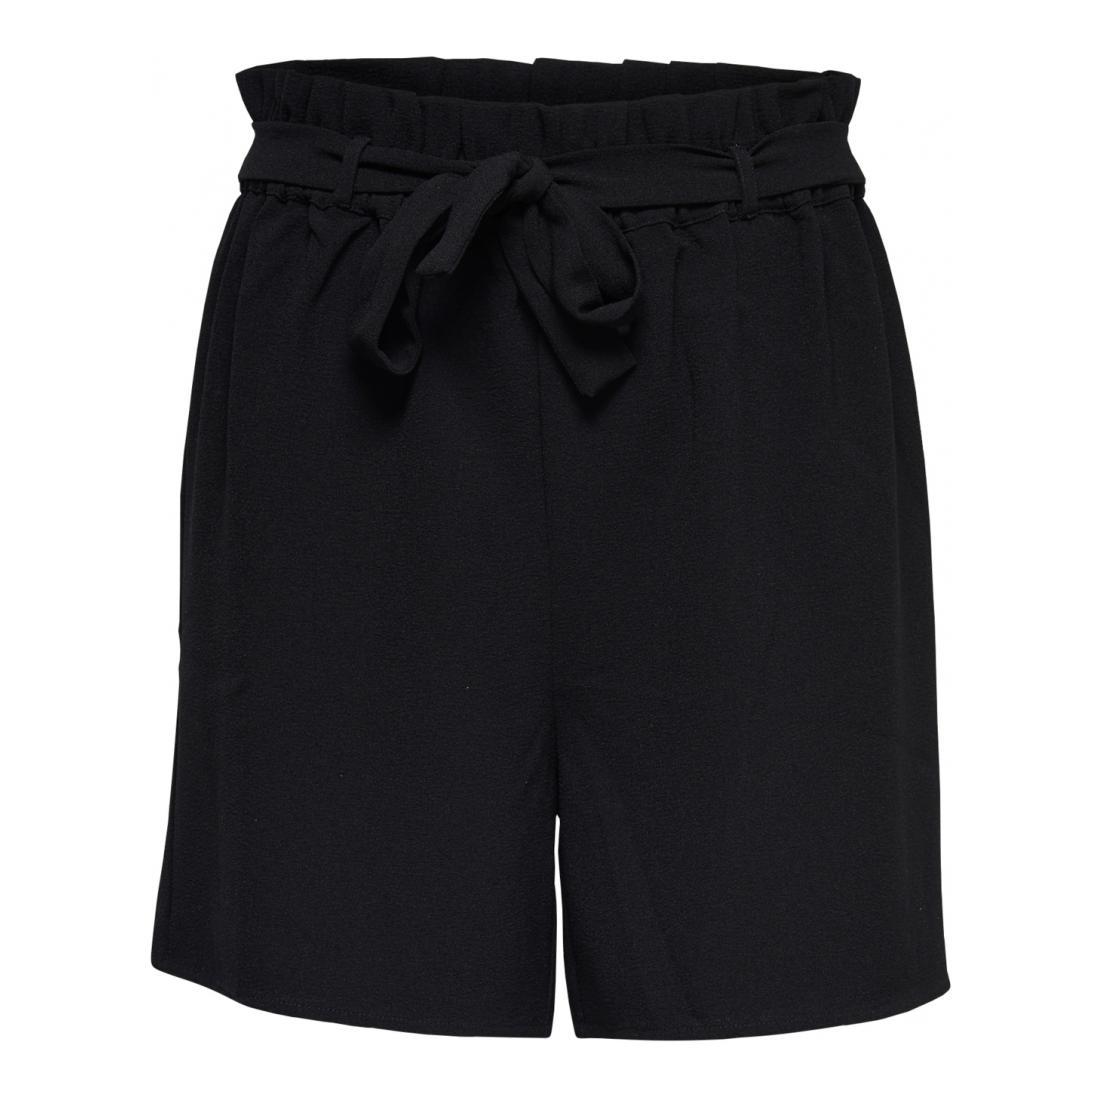 Only Bermuda/Shorts Damen ONLTURNER PAPER BAG SHORT